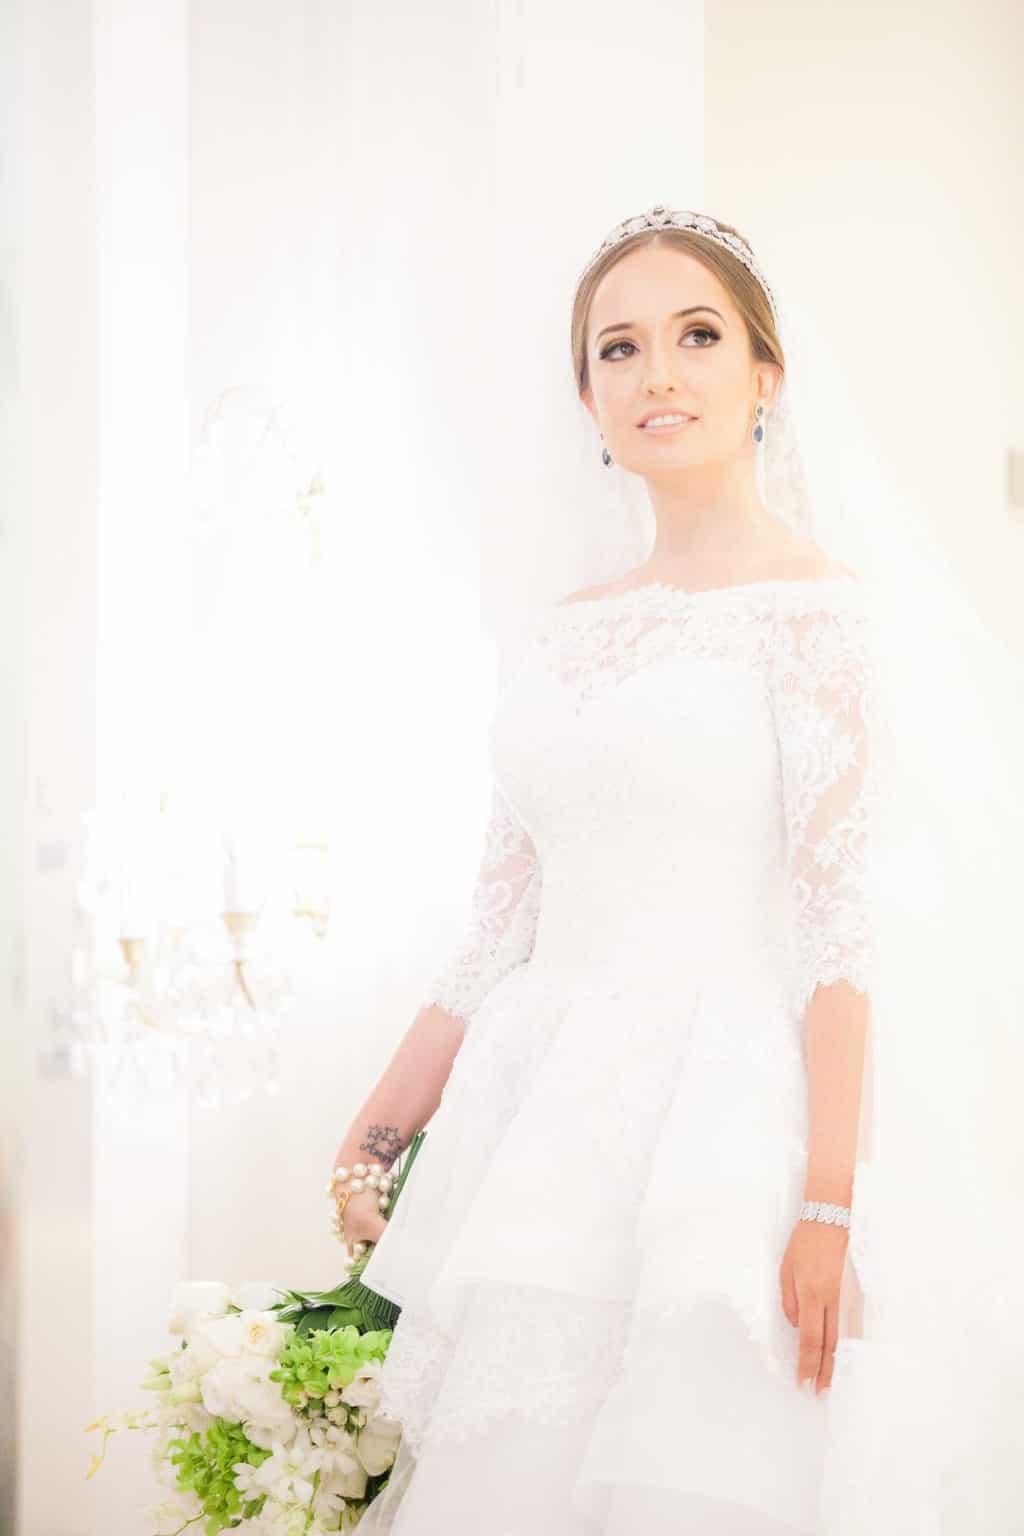 Casamento-Clássico-Casamento-tradicional-Copacabana-Palace-Monica-Roias-Poses-noiva-Ribas-Foto-e-Vídeo-Silvio-Cruz-Tuanny-e-Bernardo-CaseMe-2